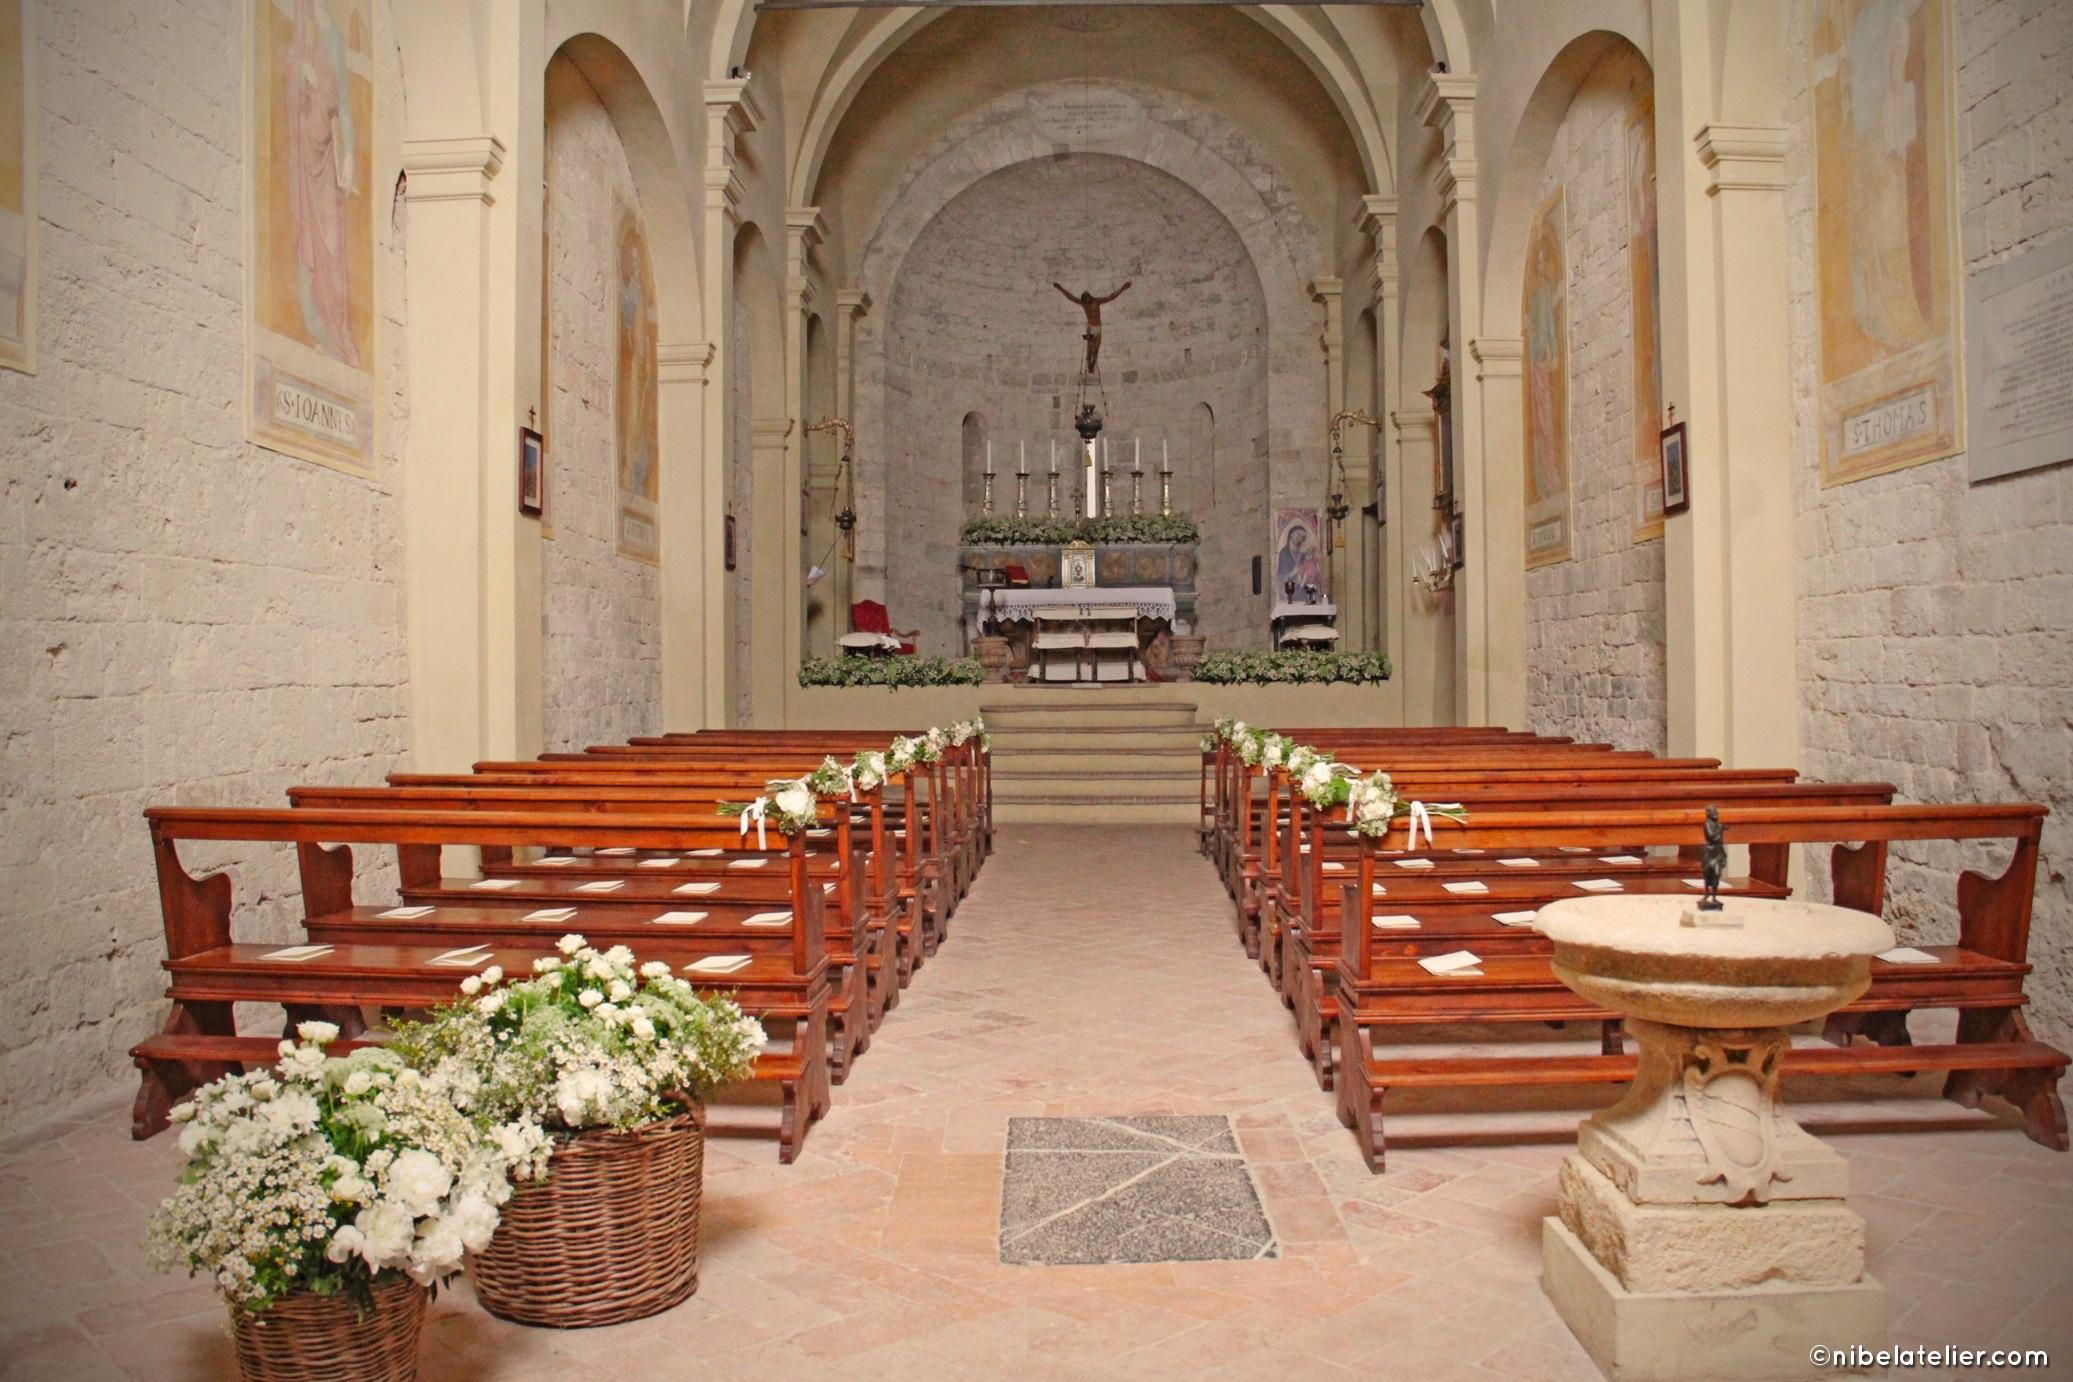 badia-interno-chiesa-pisa